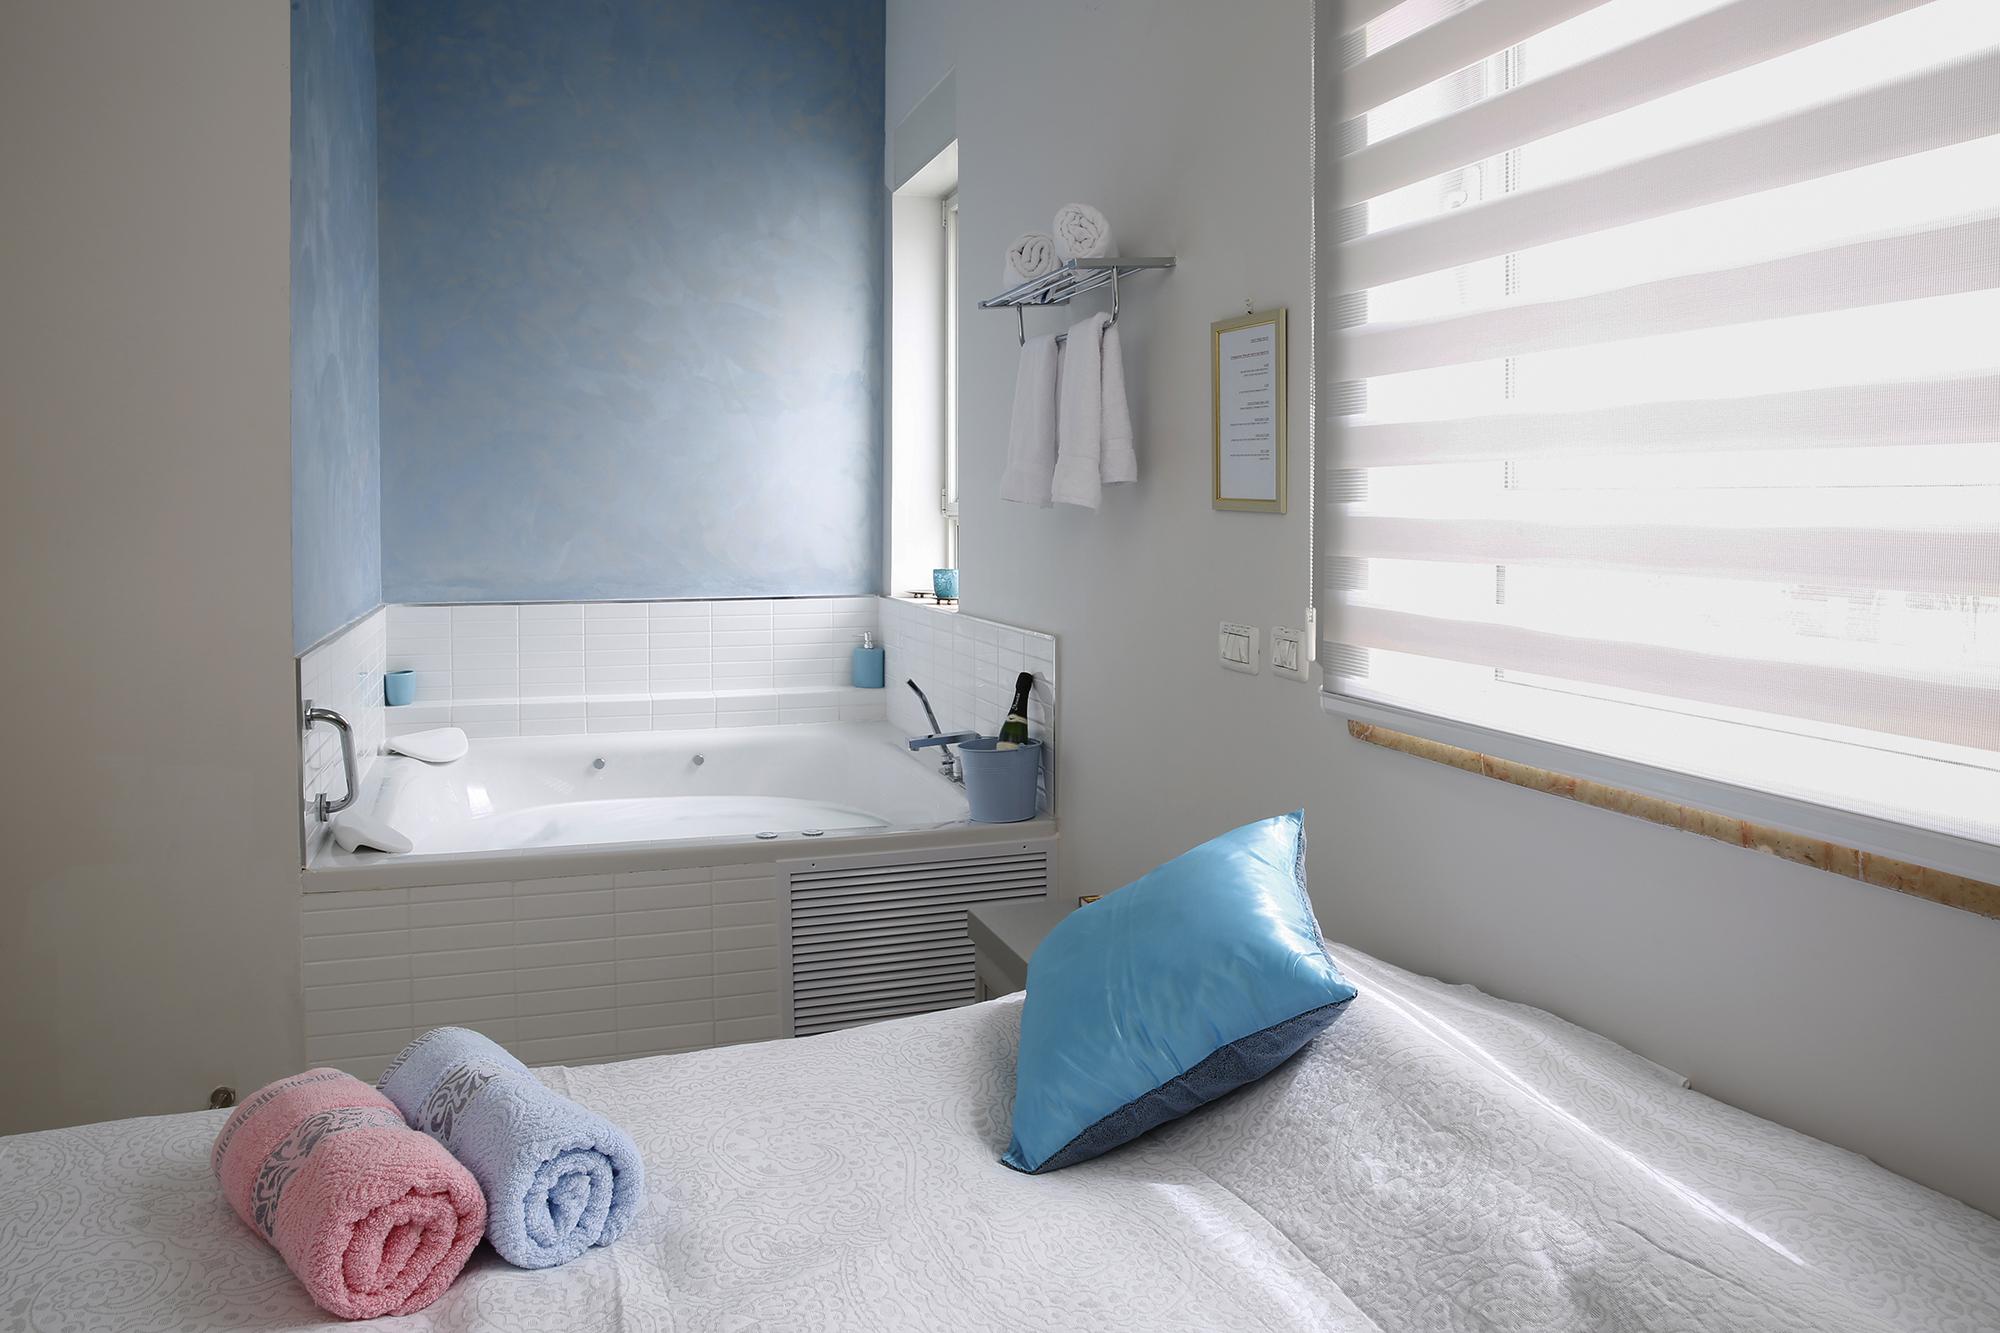 חדר שינה - כליל החורש ופריחת השקד